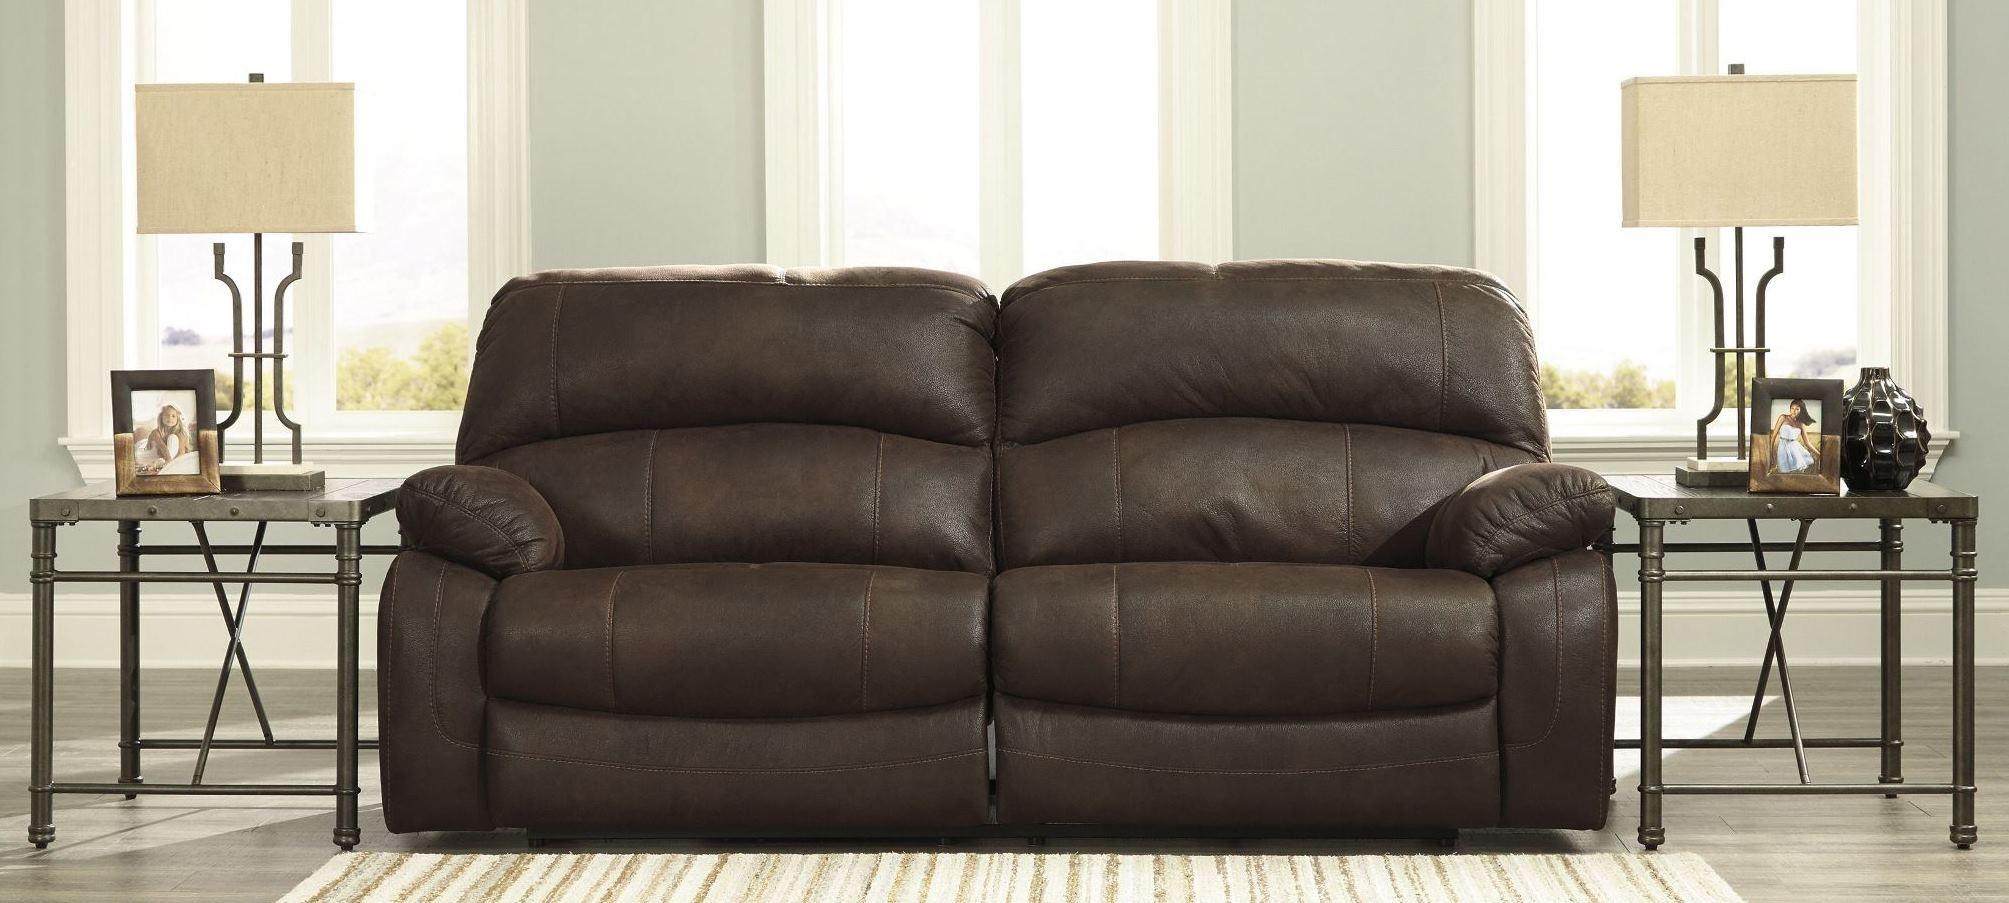 dfs moray sofa reviews urban west elm matinee brokeasshome